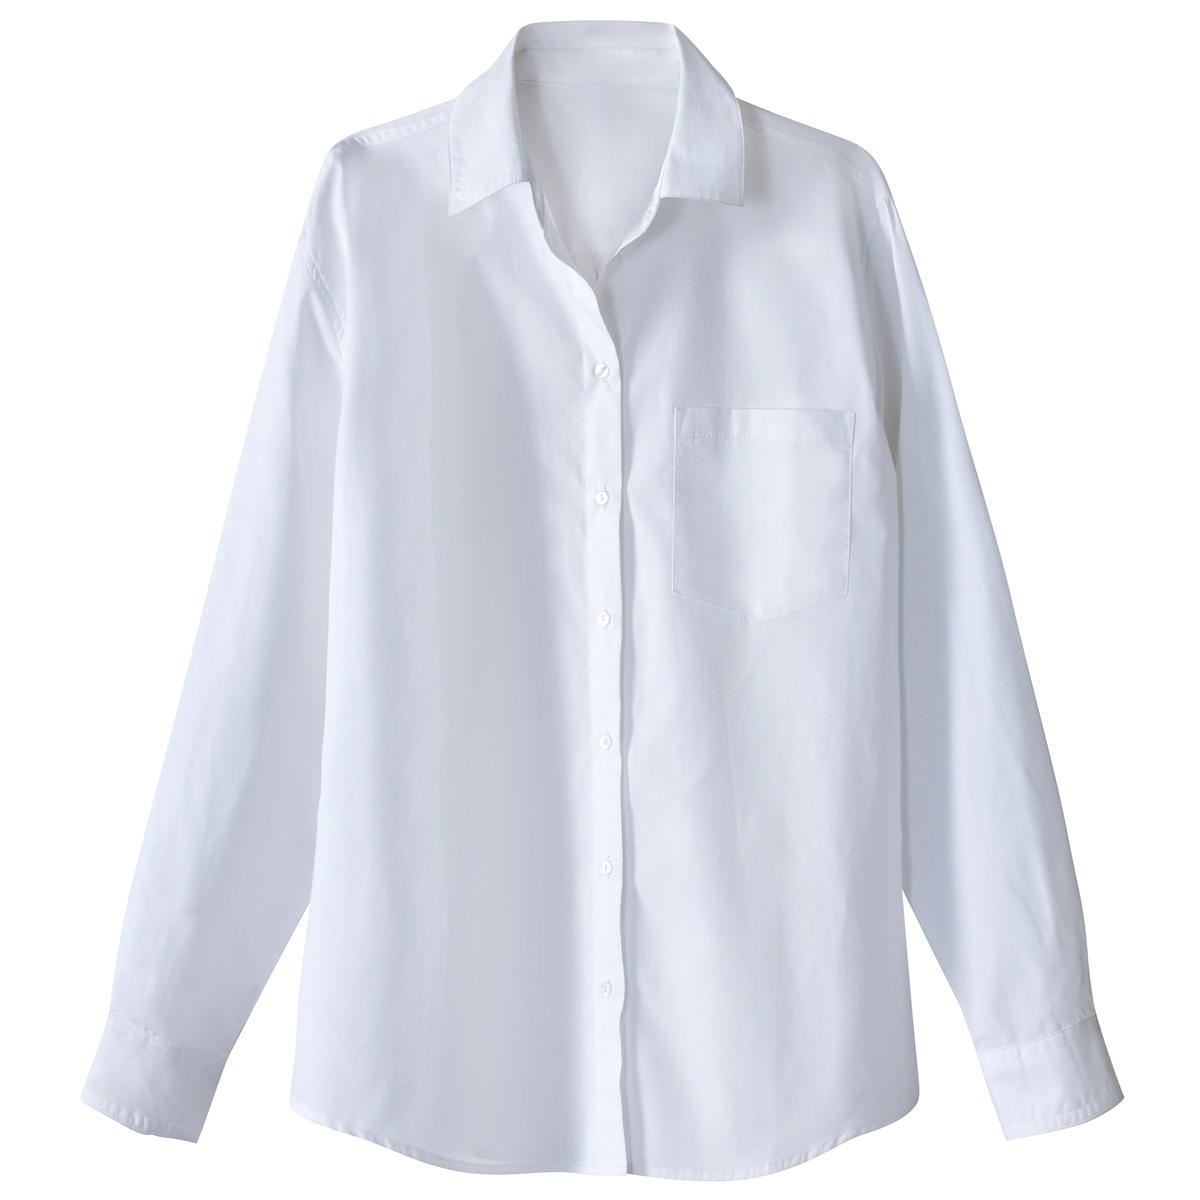 Рубашка из однотонного поплинаДетали •  Длинные рукава  •  Прямой покрой  •  Воротник-поло, рубашечный  •  Кончики воротника на пуговицах Состав и уход •  100% хлопок  •  Температура стирки 40°  •  Сухая чистка и отбеливание запрещены    • Барабанная сушка на умеренном режиме       • Средняя температура глажки<br><br>Цвет: белый<br>Размер: 42 (FR) - 48 (RUS).36 (FR) - 42 (RUS)